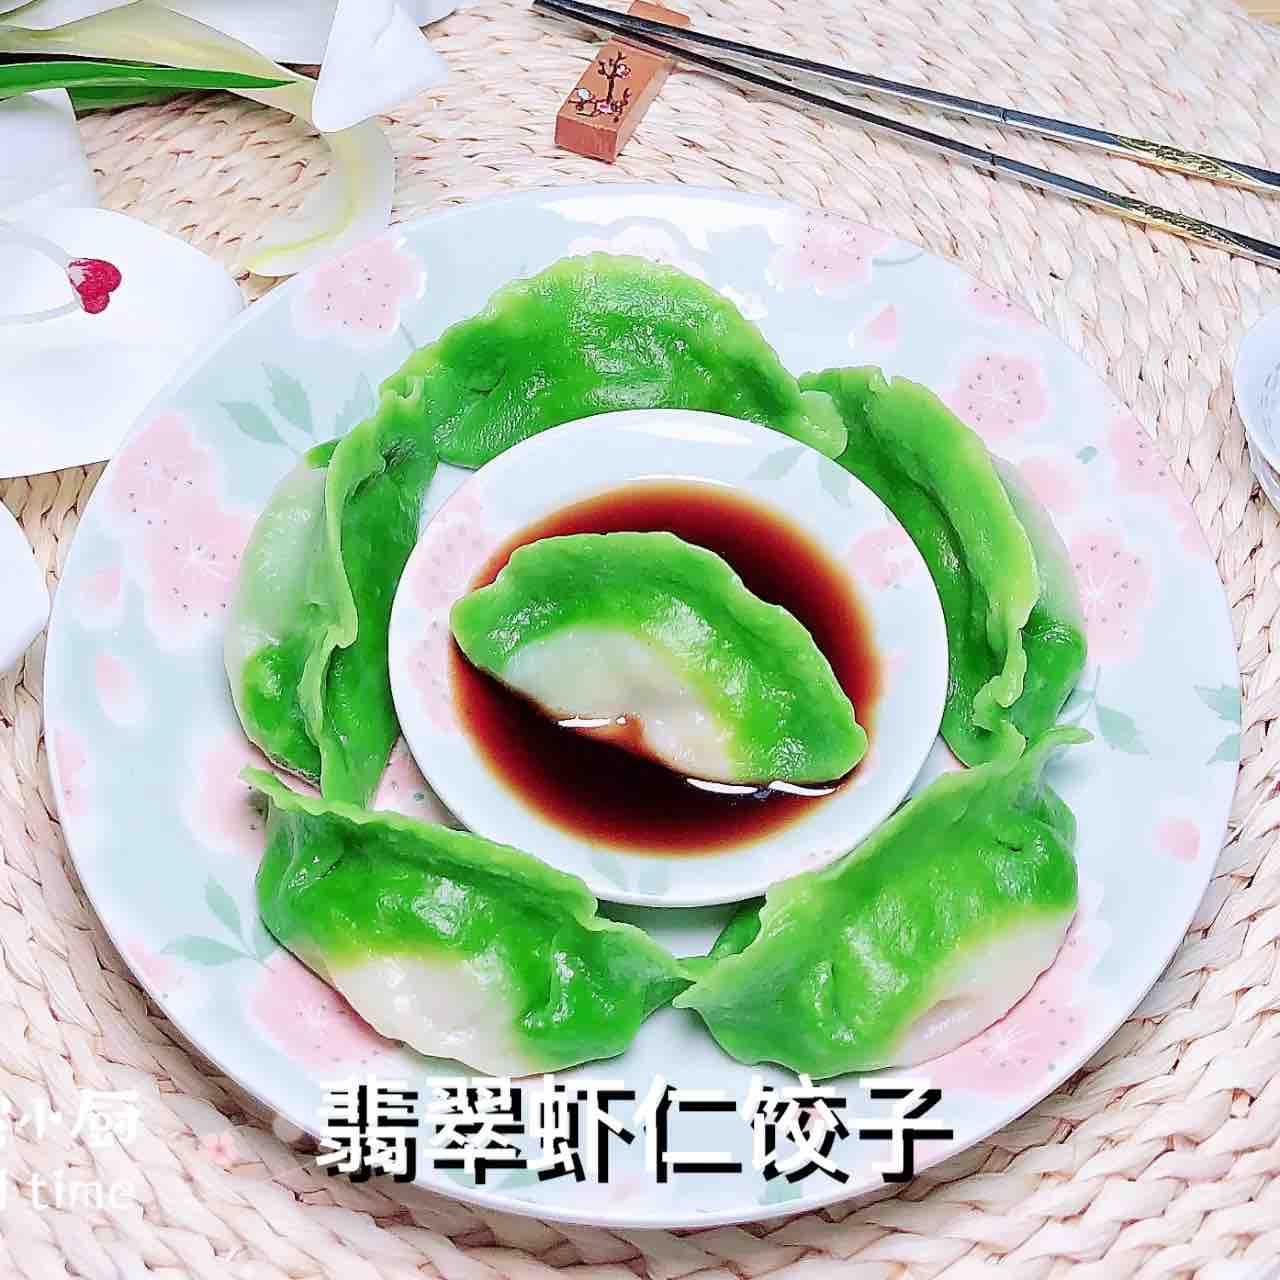 翡翠虾仁饺子